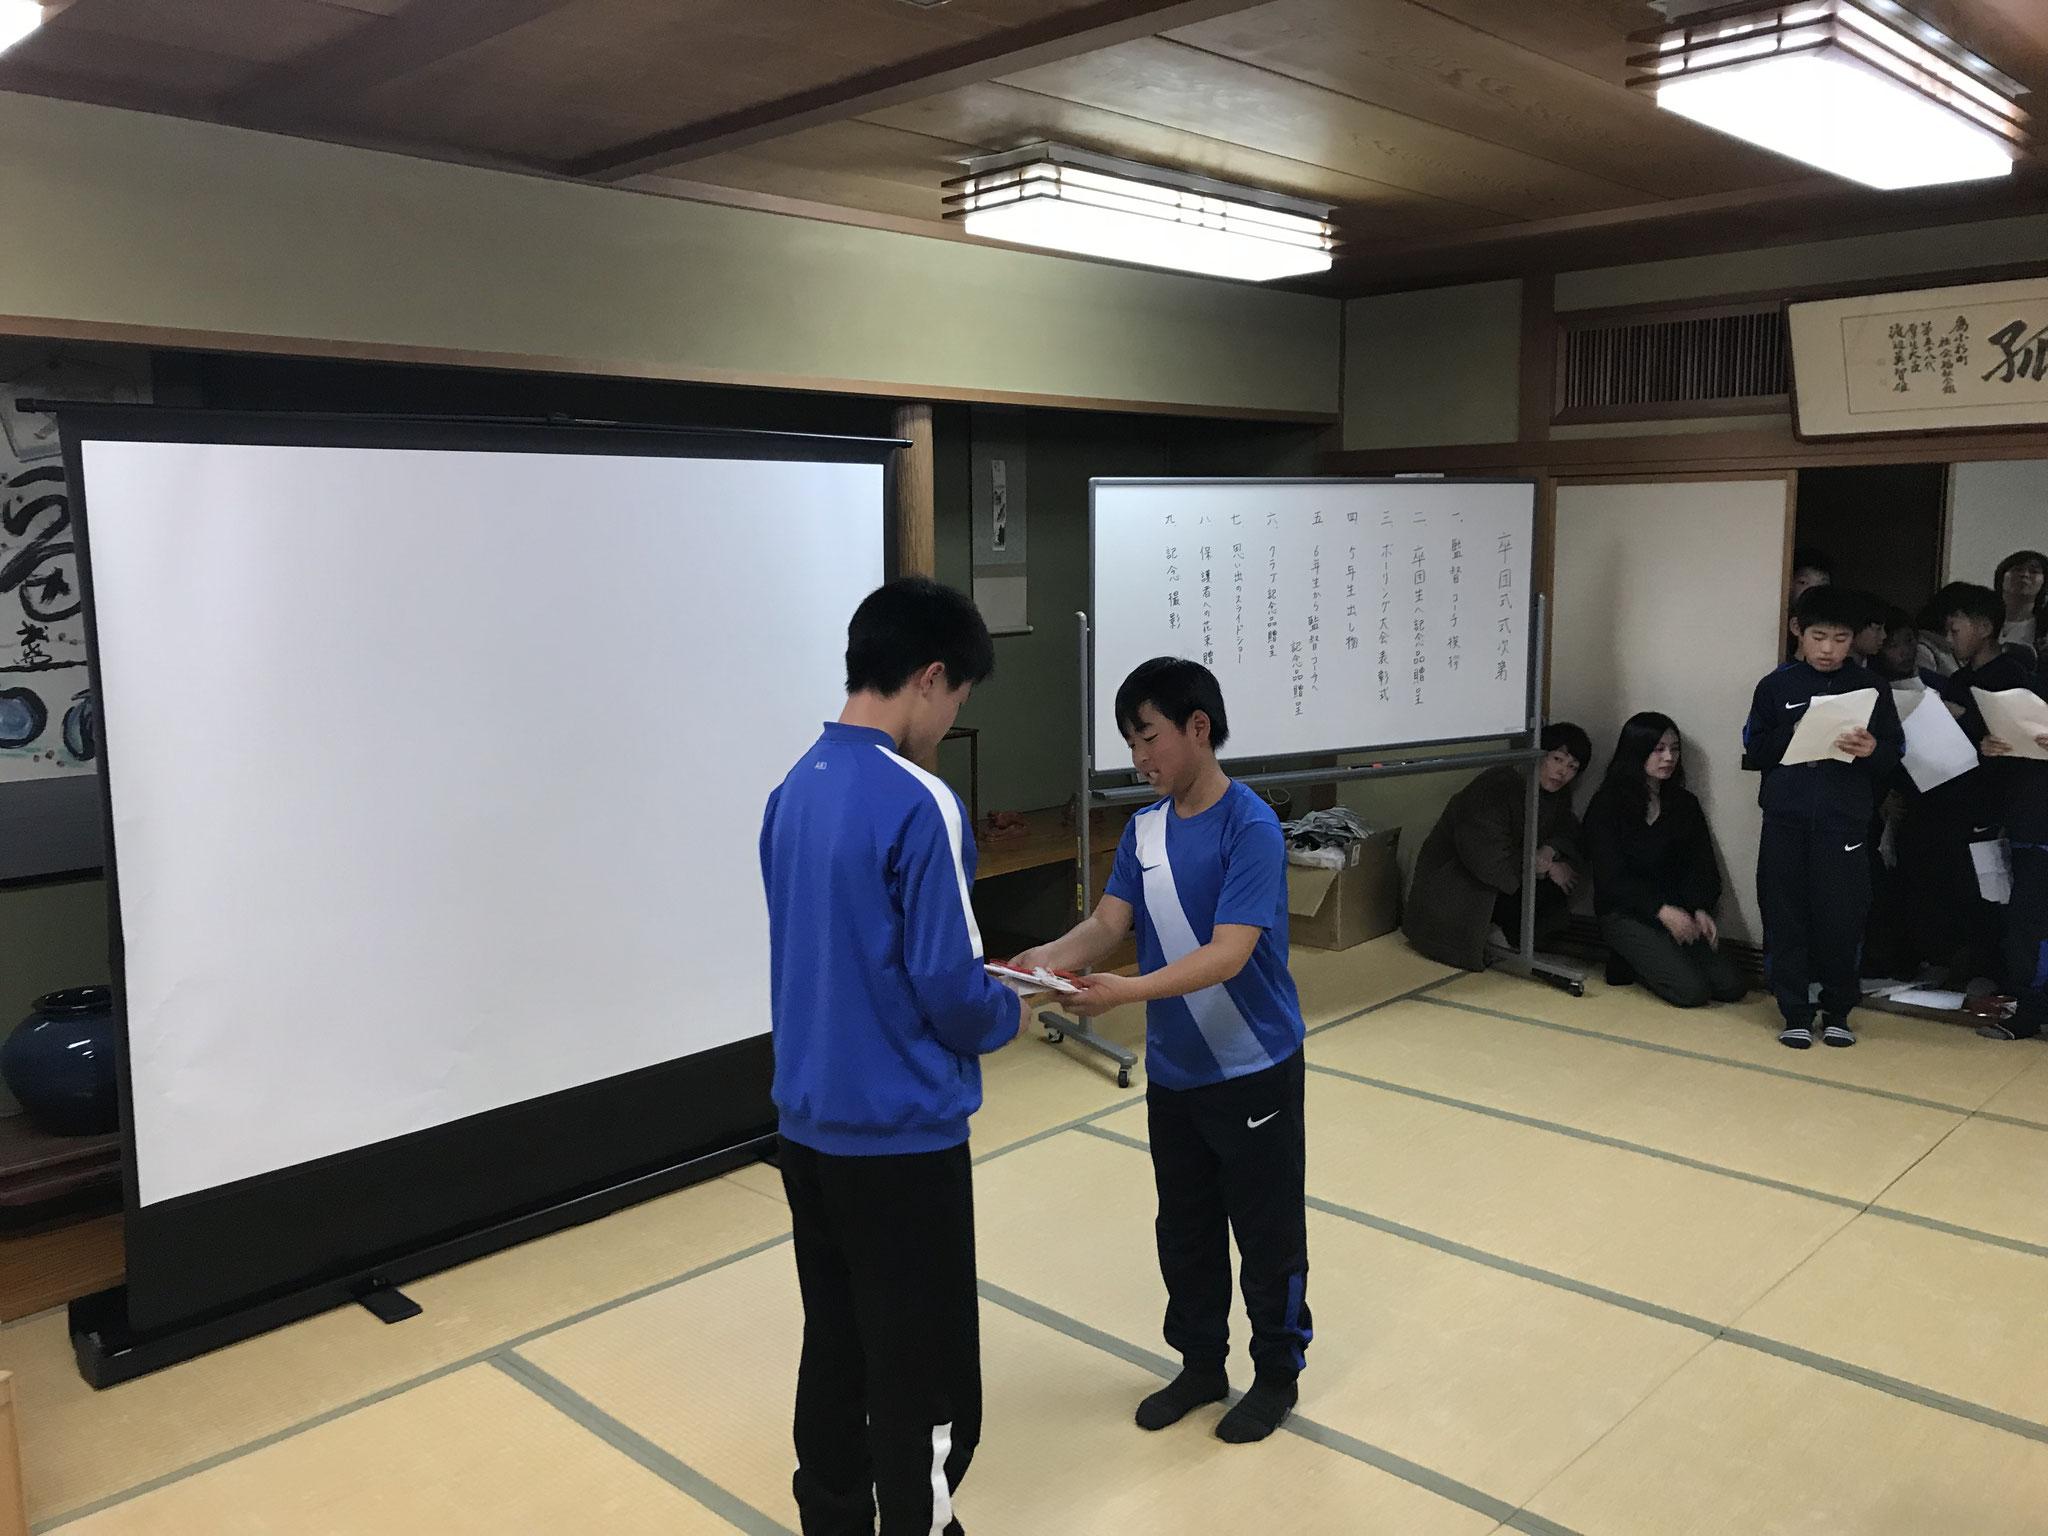 2017年度卒団式(卒団式)